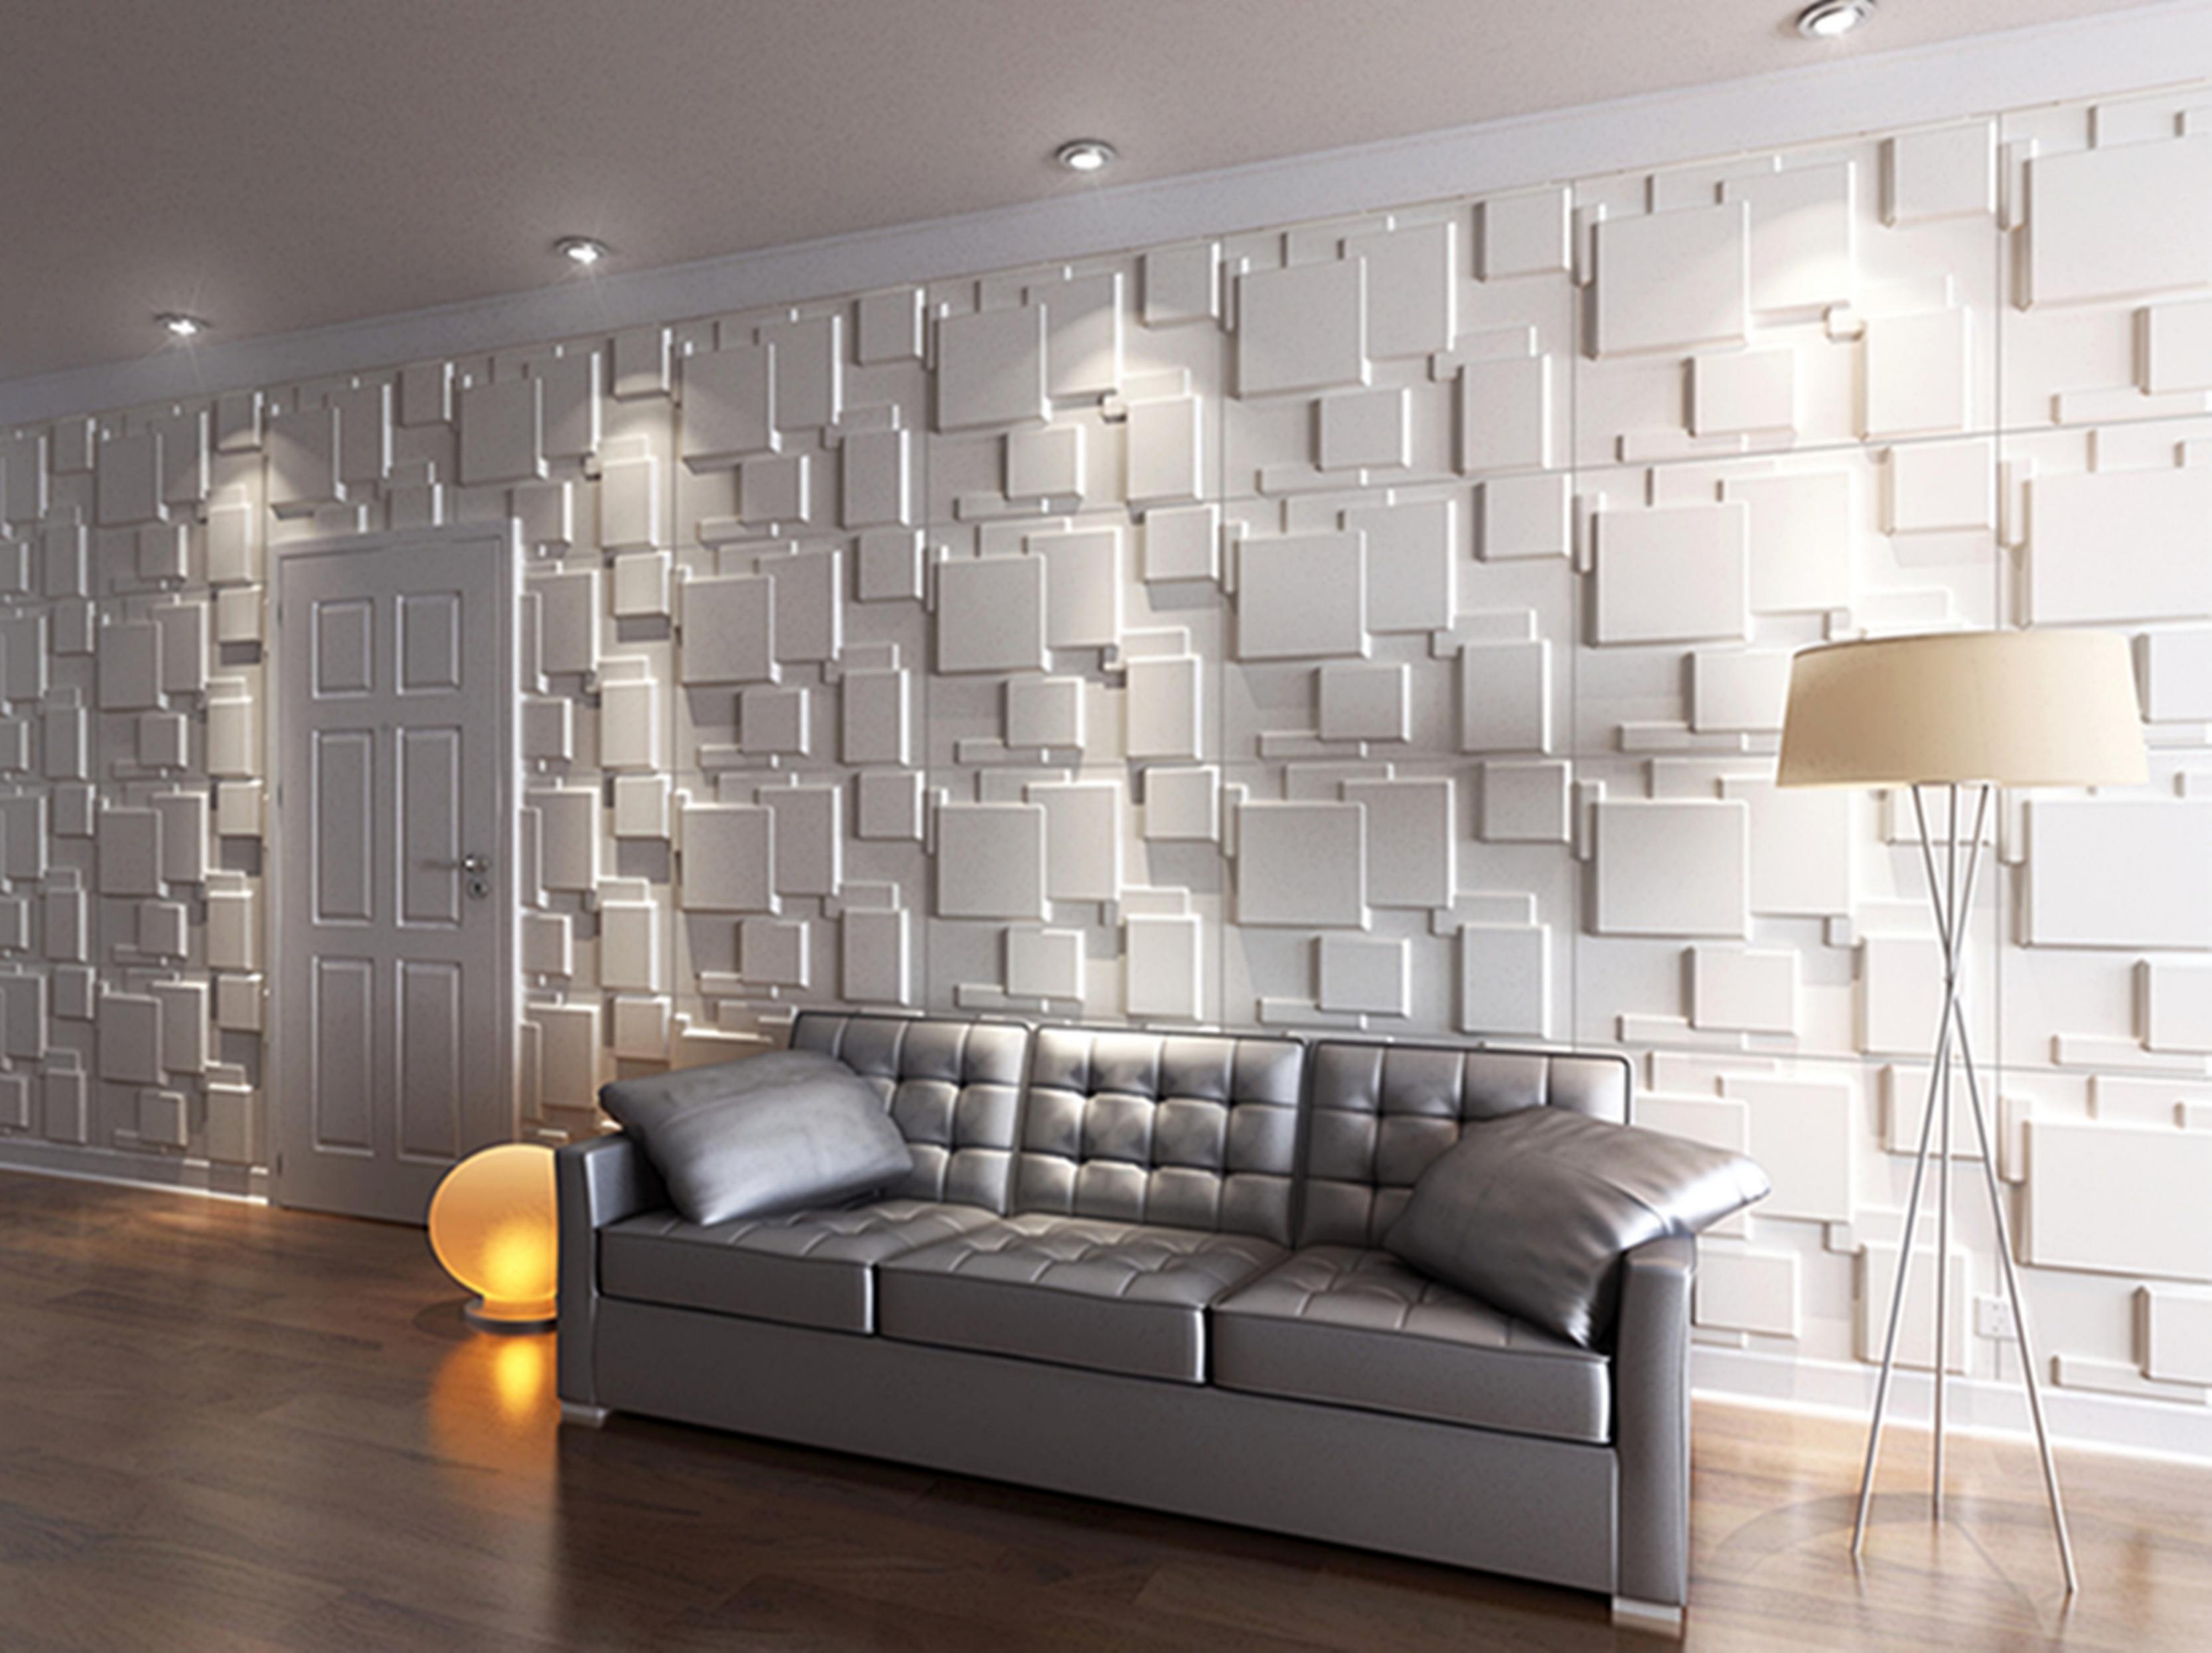 بالصور ورق جدران للمجالس , اشكال ورق جدران للمنزل 3515 2